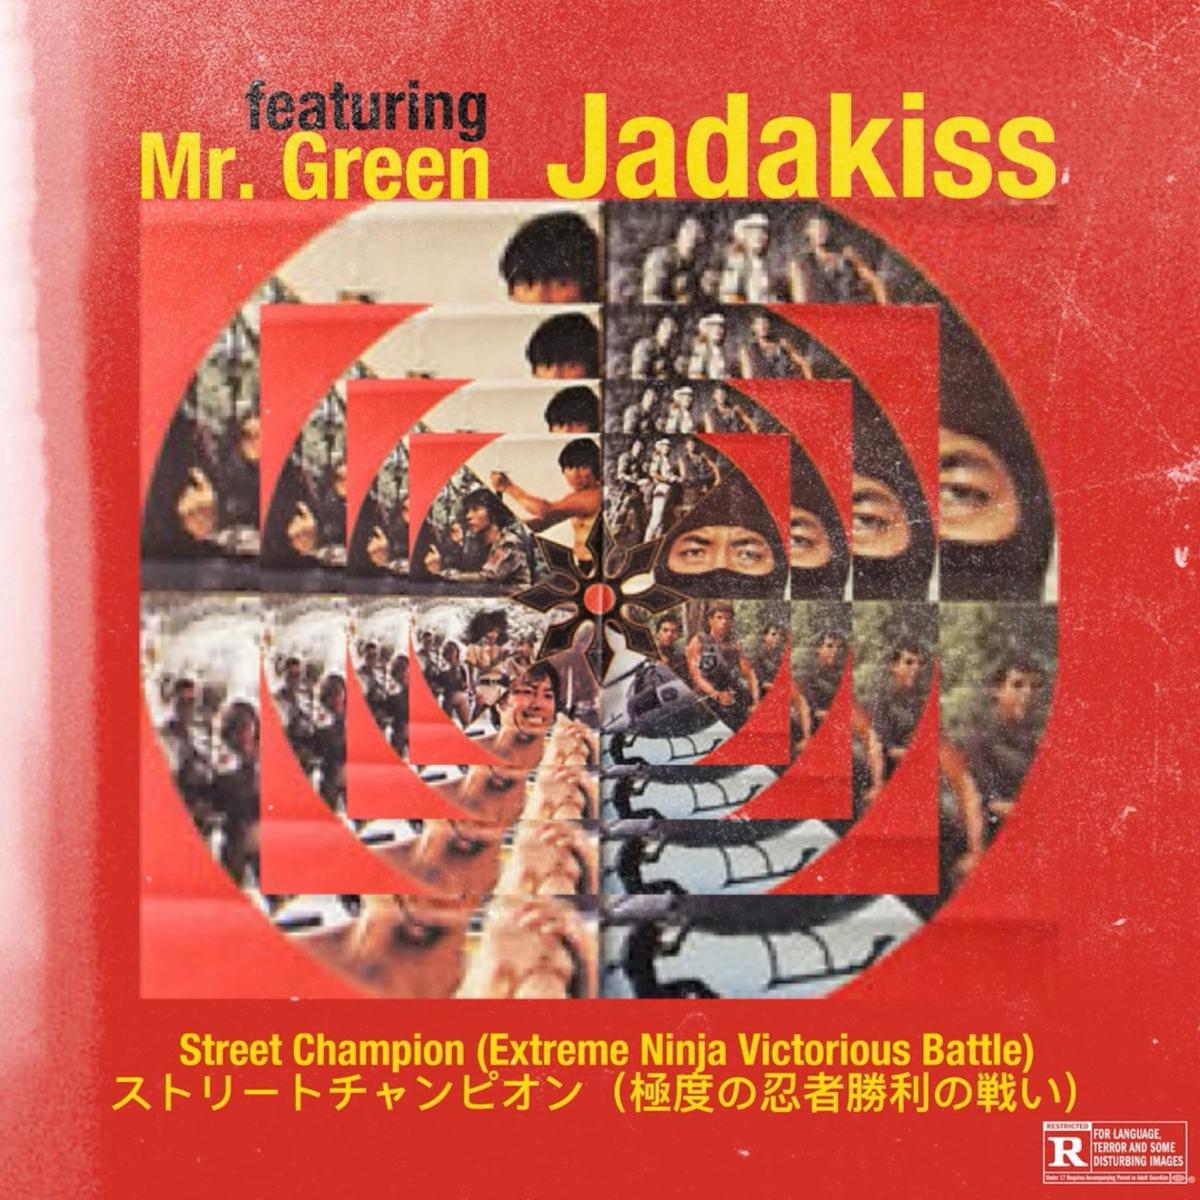 Mr. Green Ft. Jadakiss - Street Champion